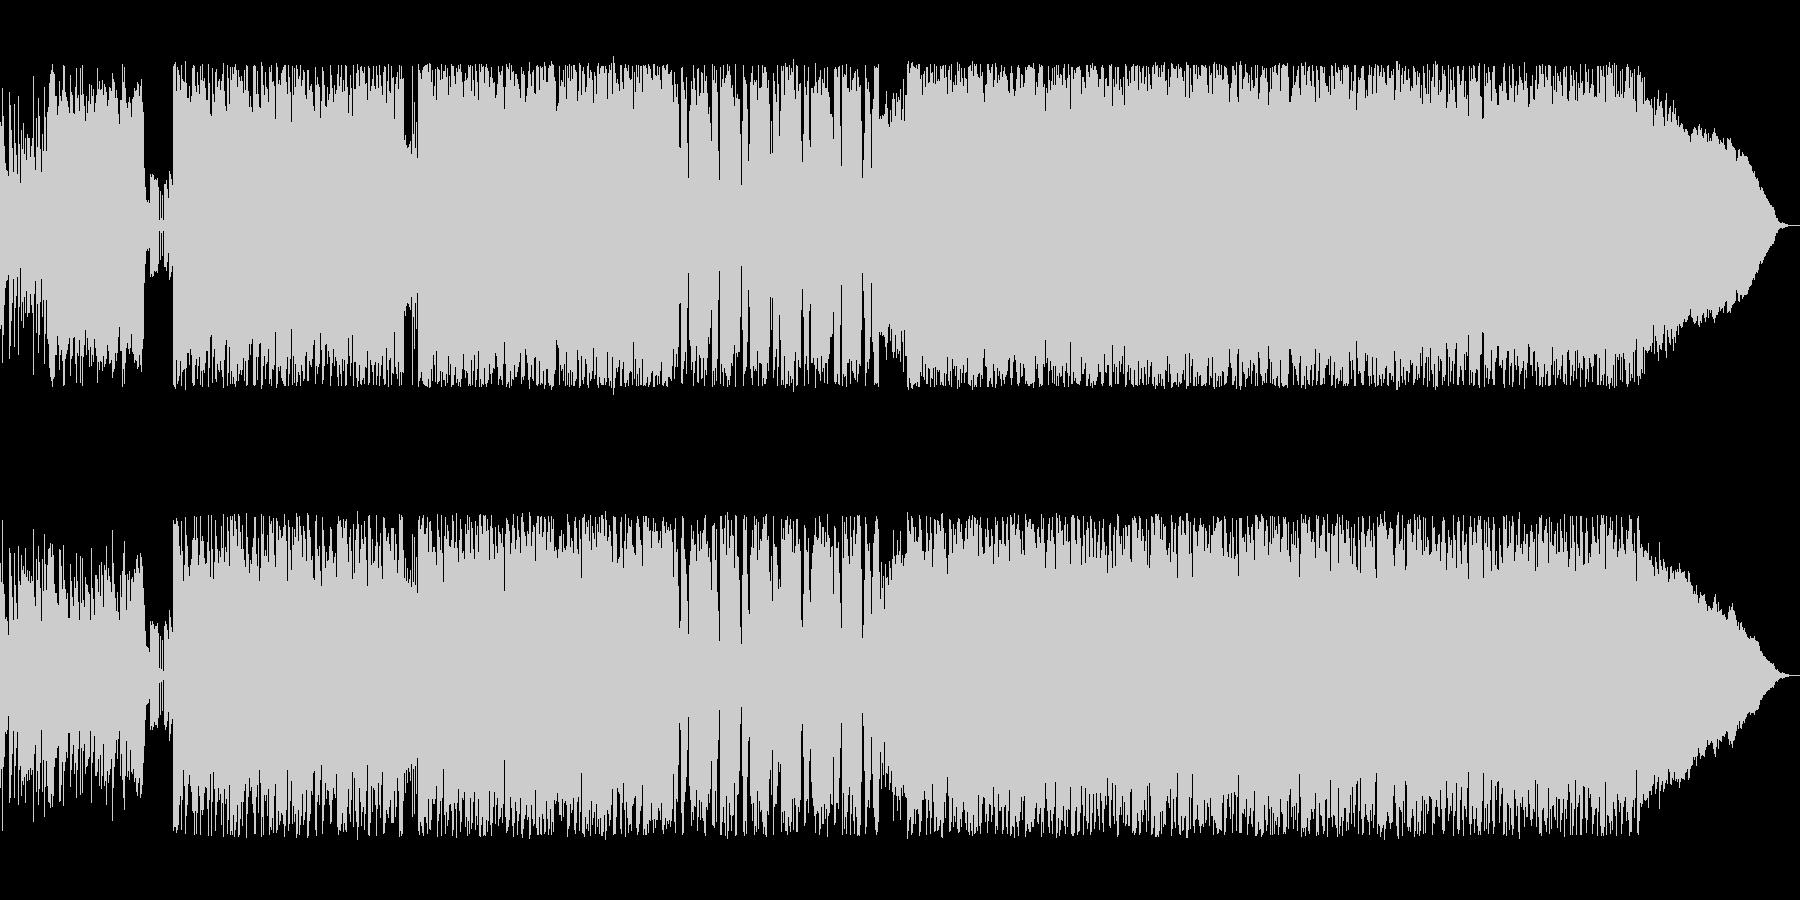 ドラムが炸裂するハードロックの未再生の波形